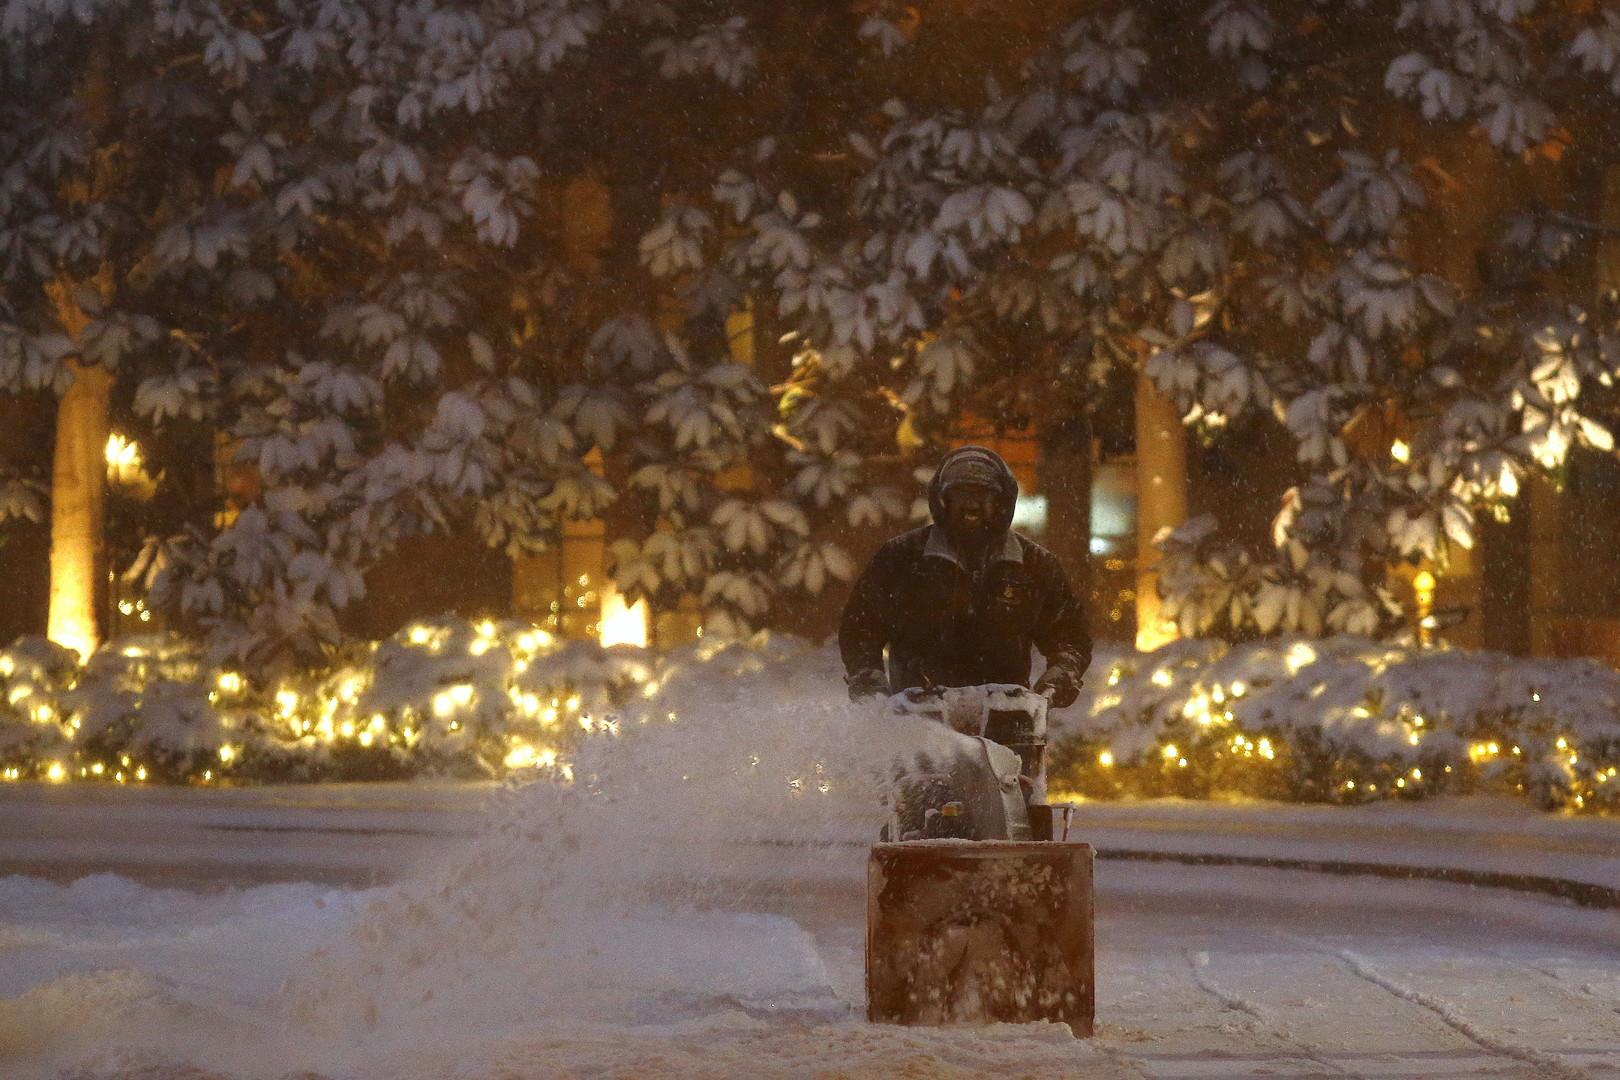 Plus de 60 centimètres de neige sont tombés à New York en quelques heures